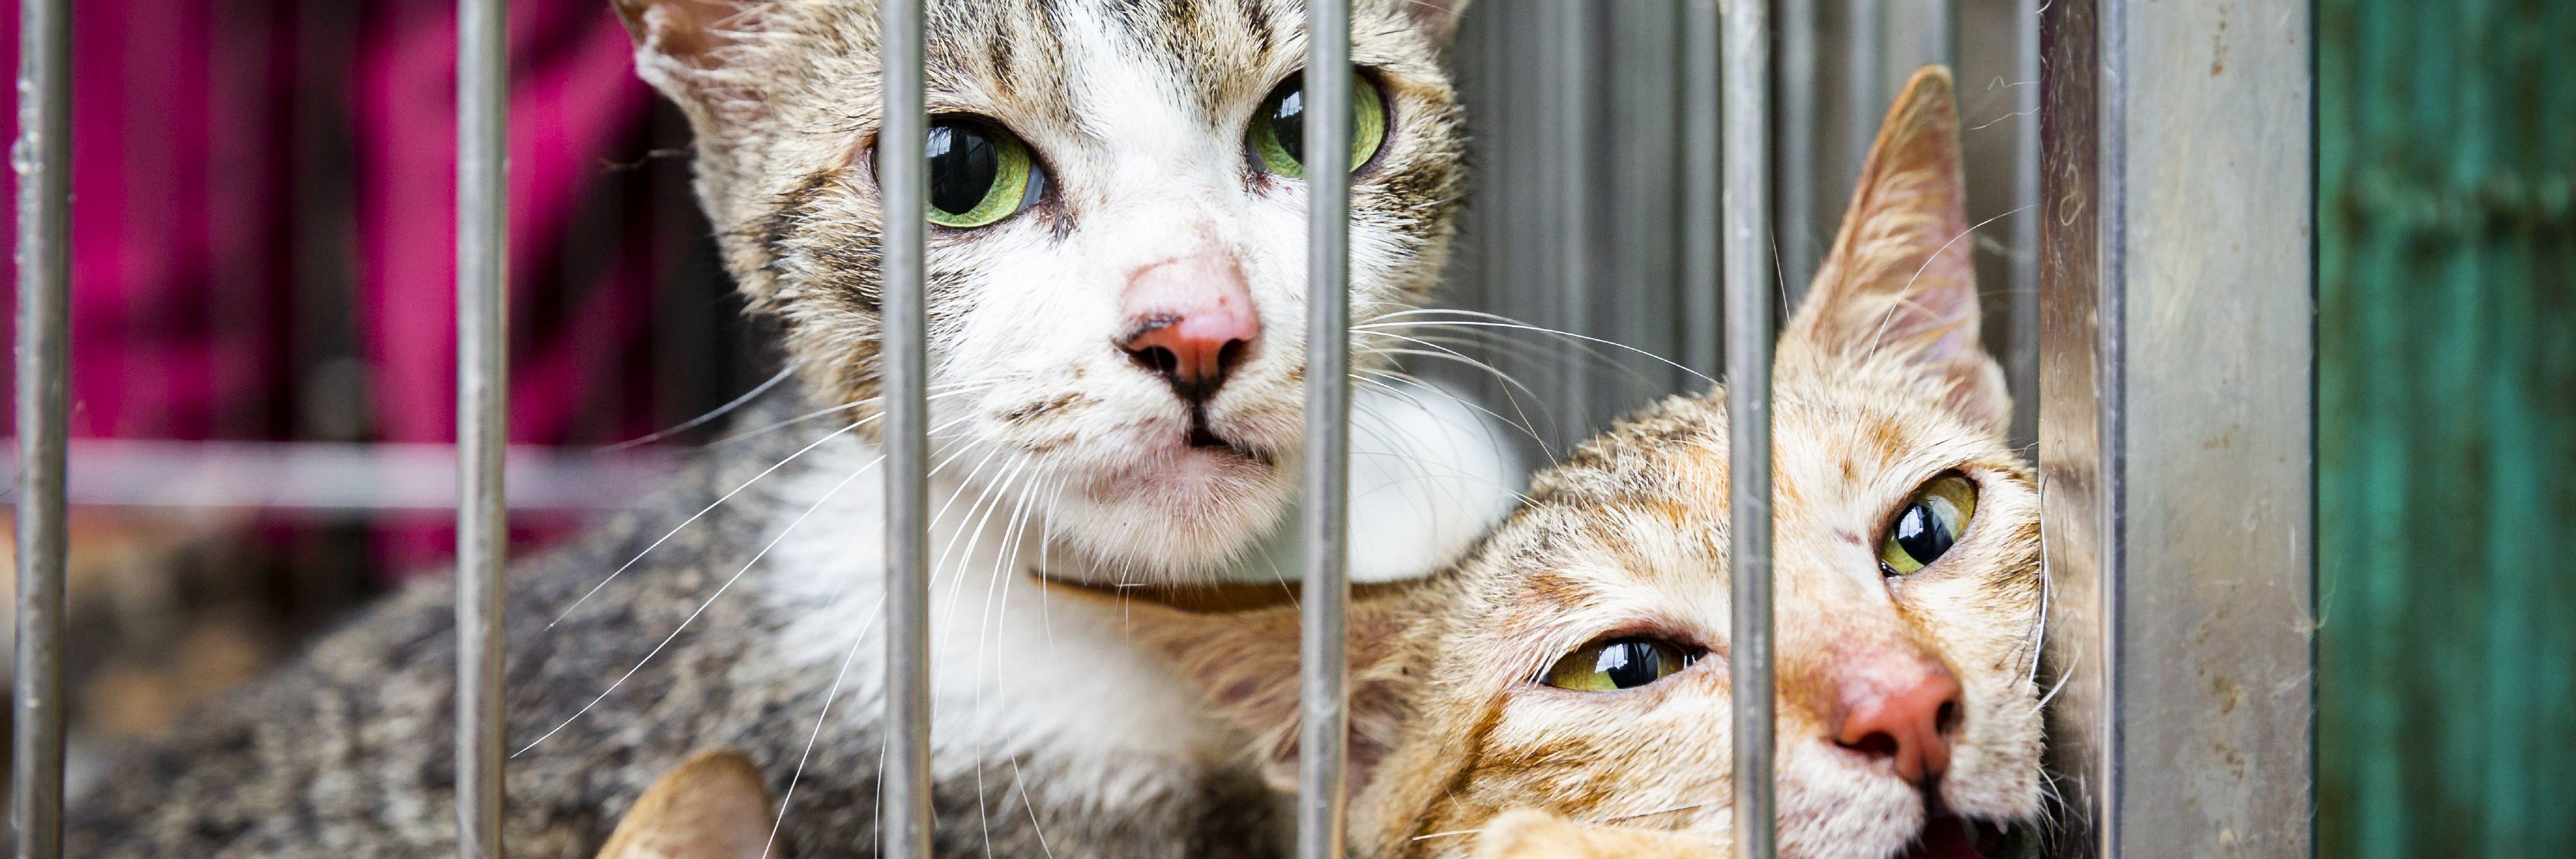 Katten in een kooi